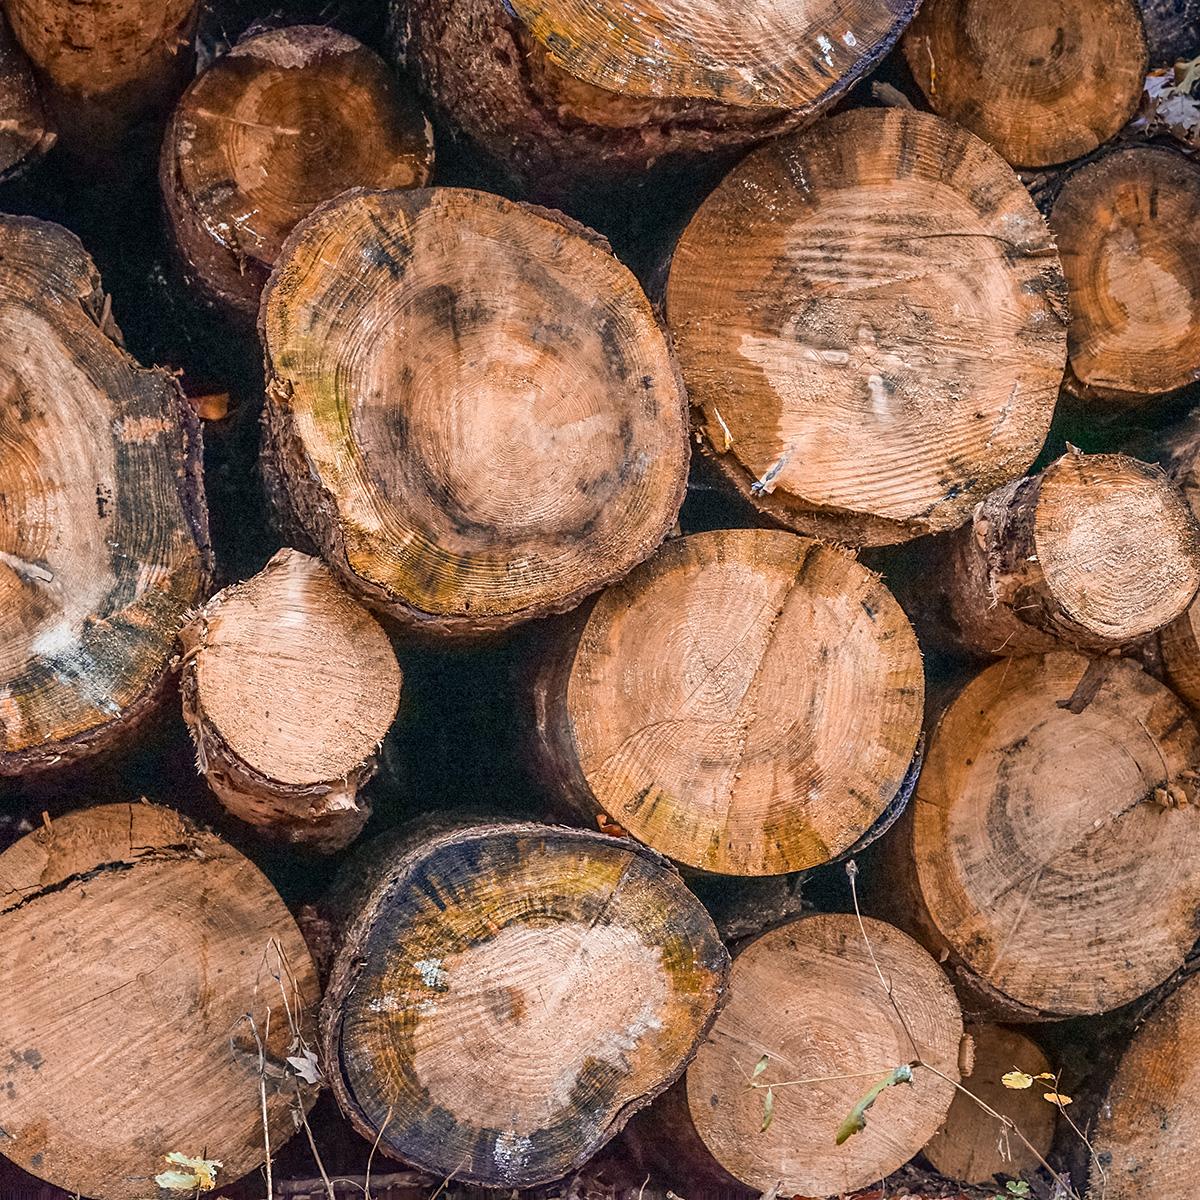 ¿Cómo afecta la explotación forestal al medio ambiente?